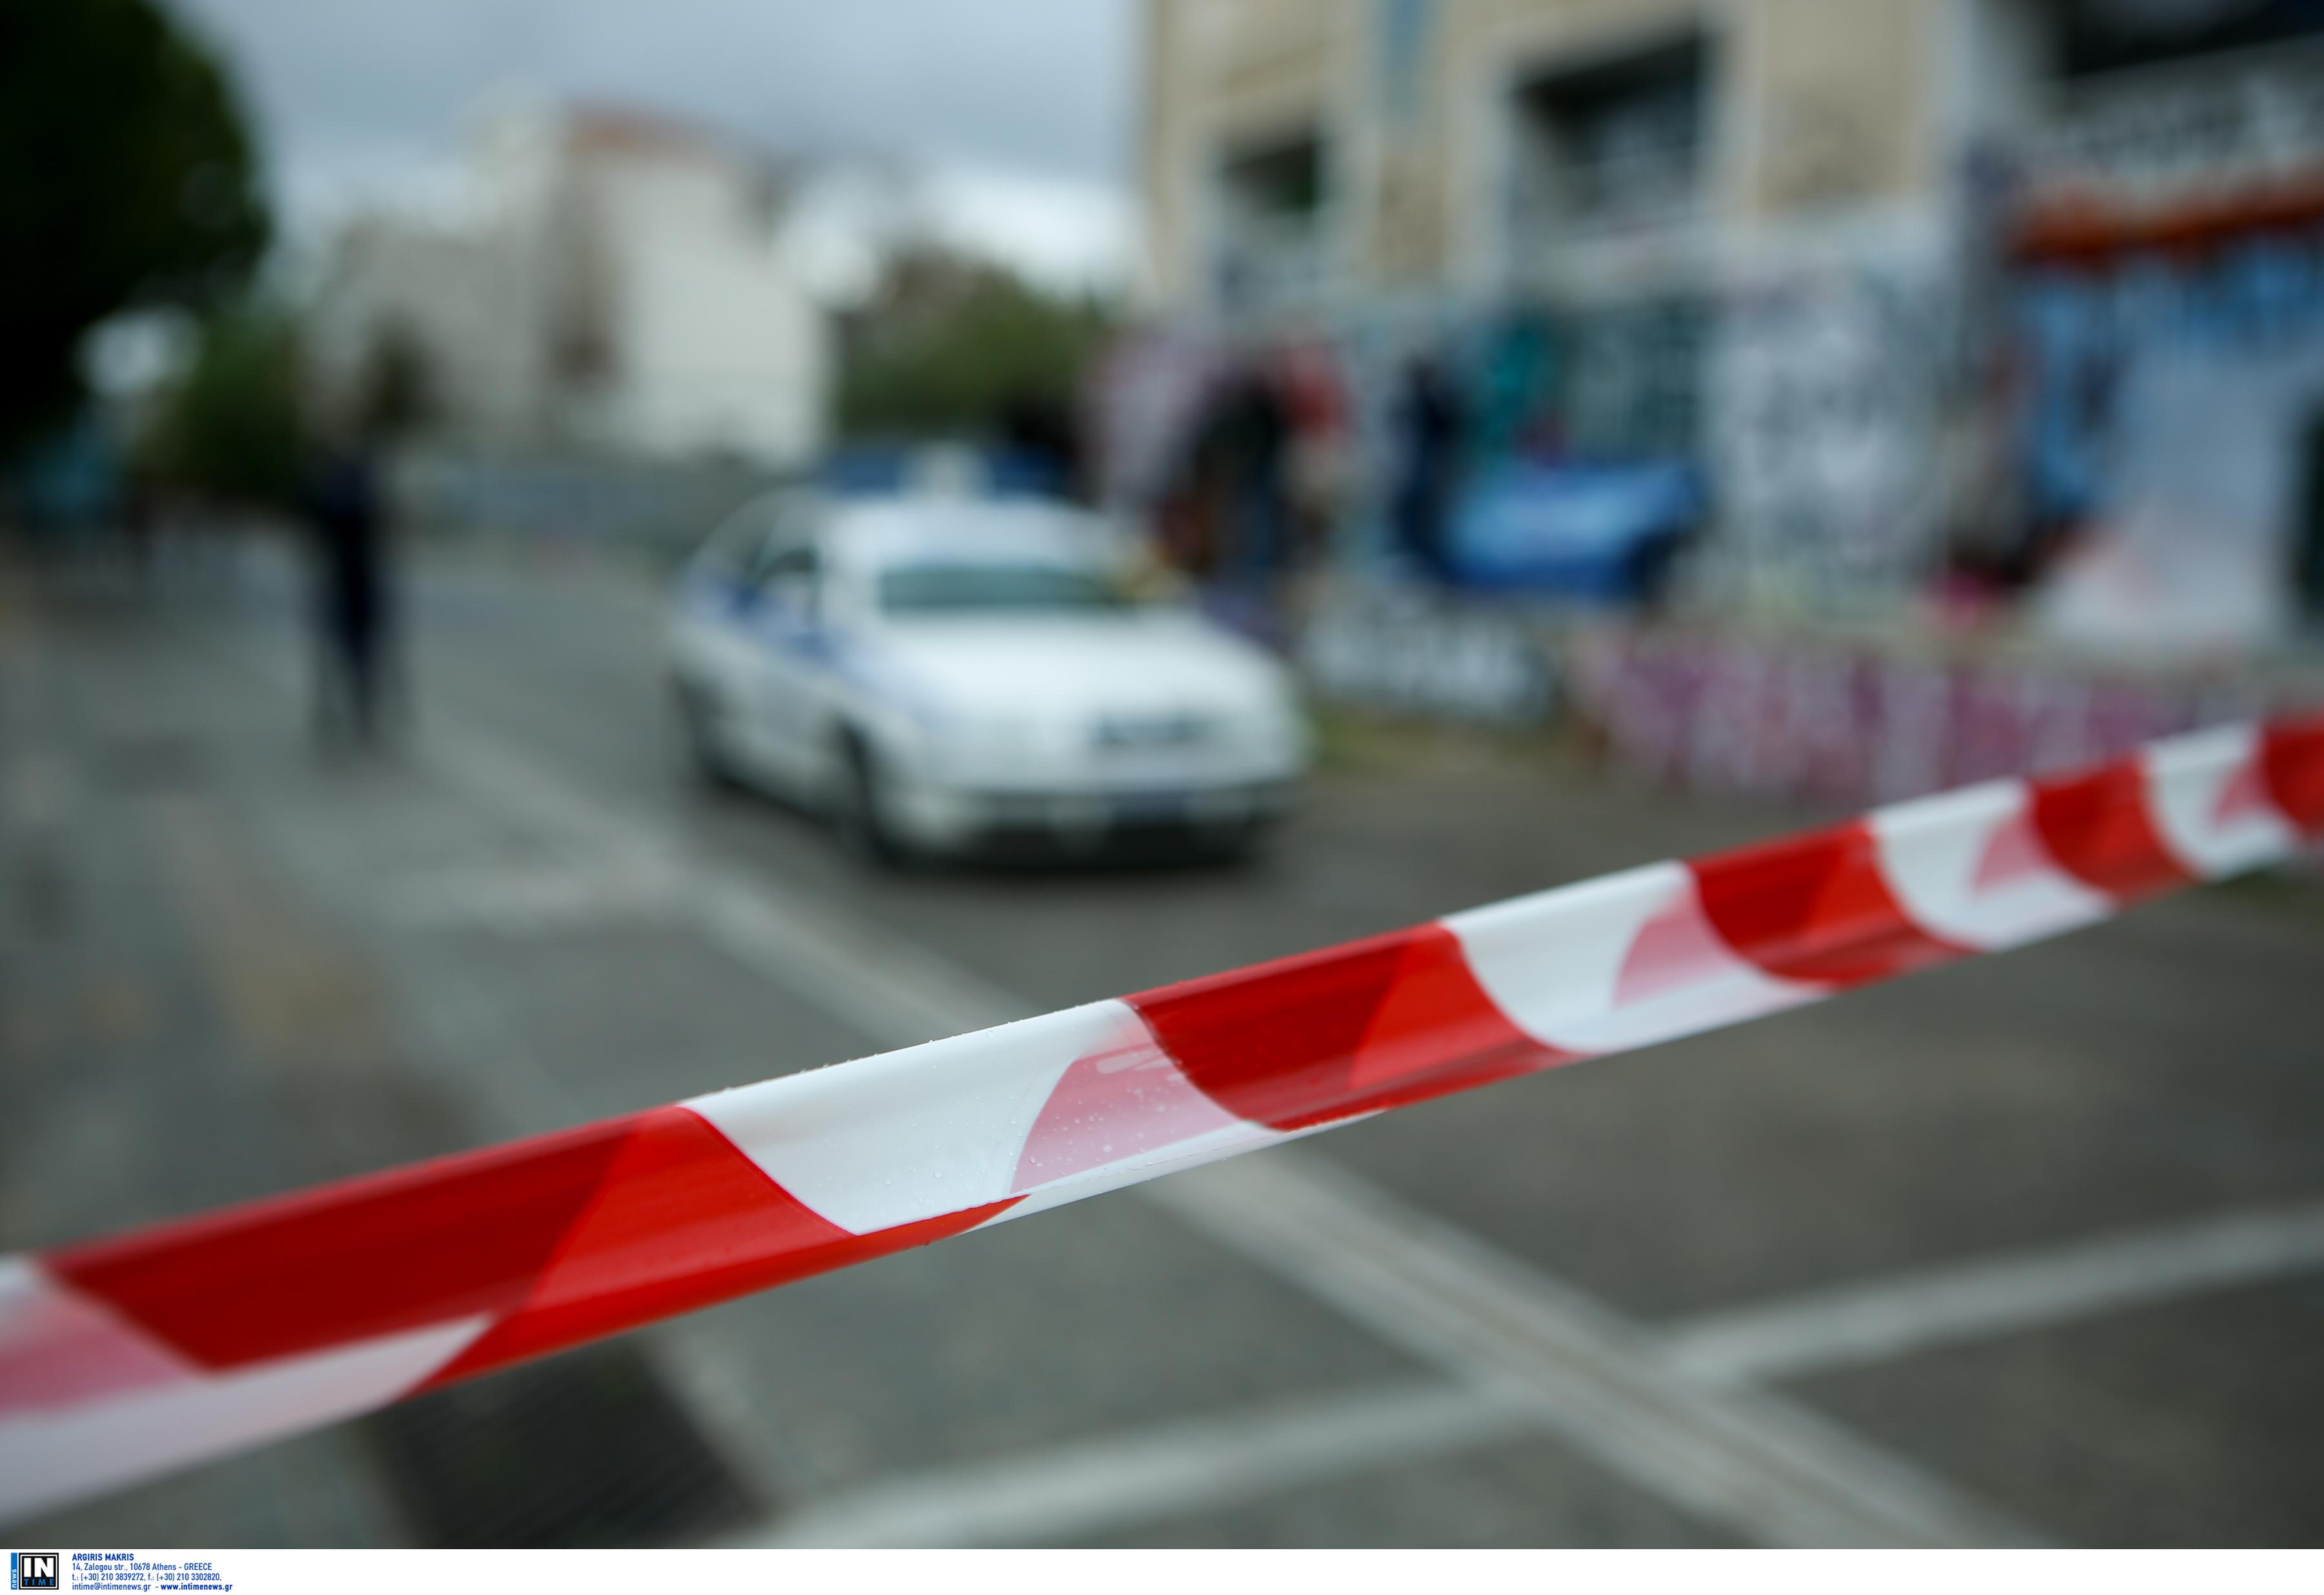 Χούλιγκαν έβαλαν γκαζάκια στο σπίτι στελέχους του τμήματος Αθλητικής Βίας